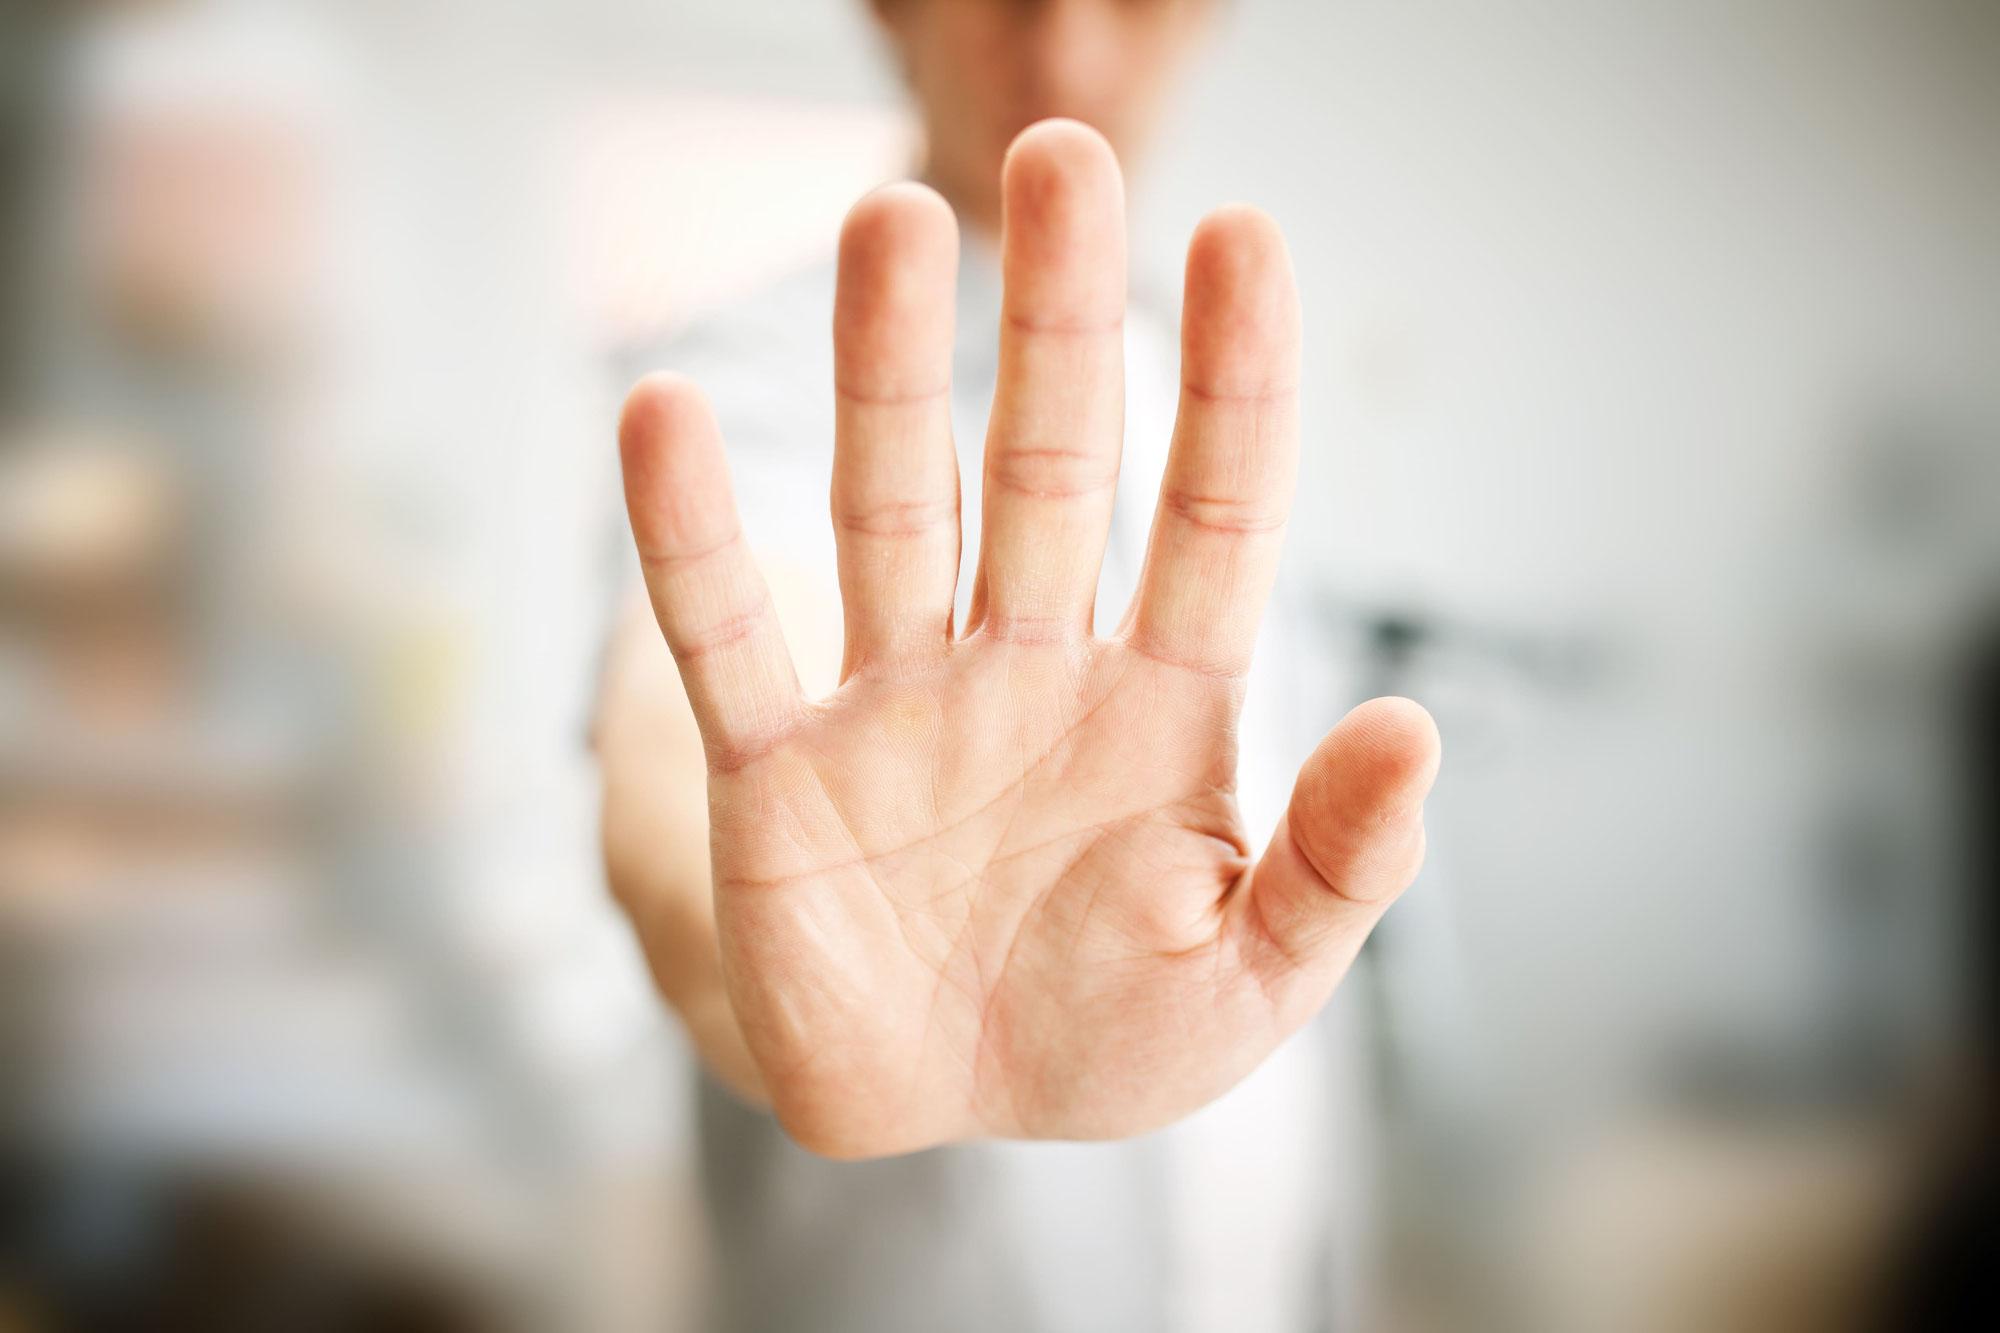 利用者・患者からの暴言暴力への対応マニュアル⑥「暴力に対する職場の限界設定」